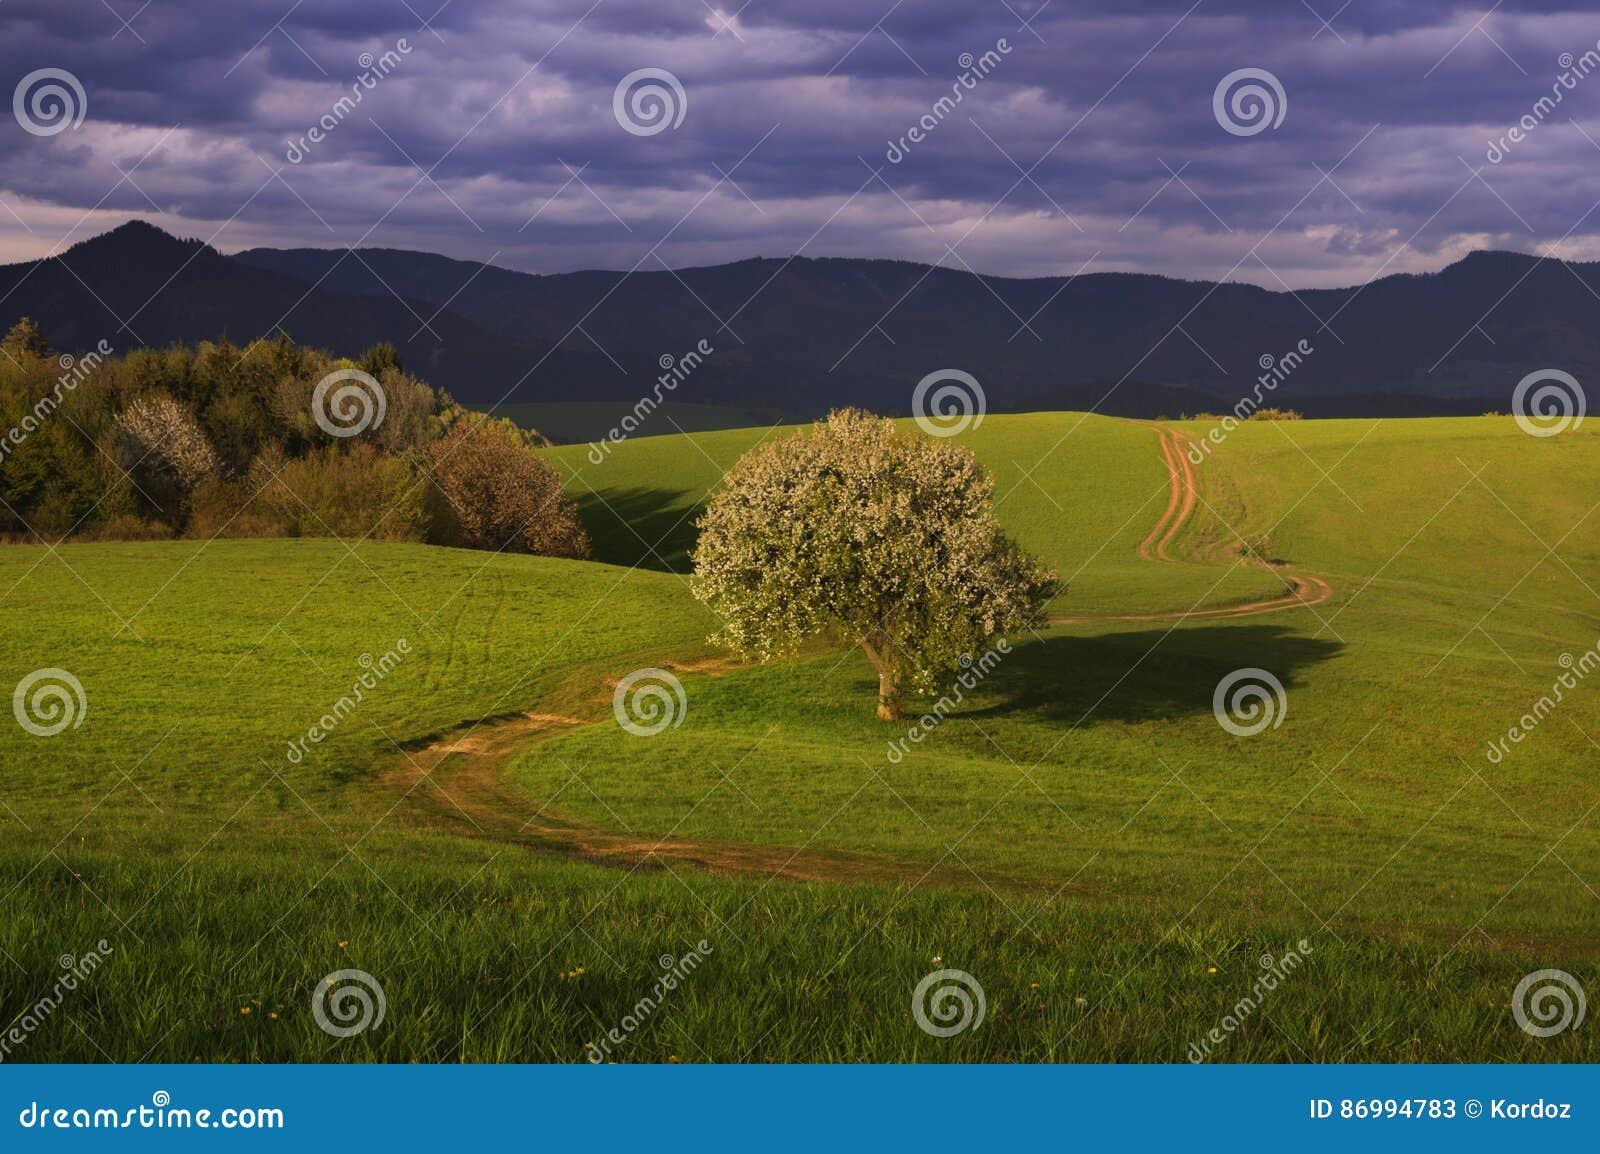 Грушевое дерев дерево и луга